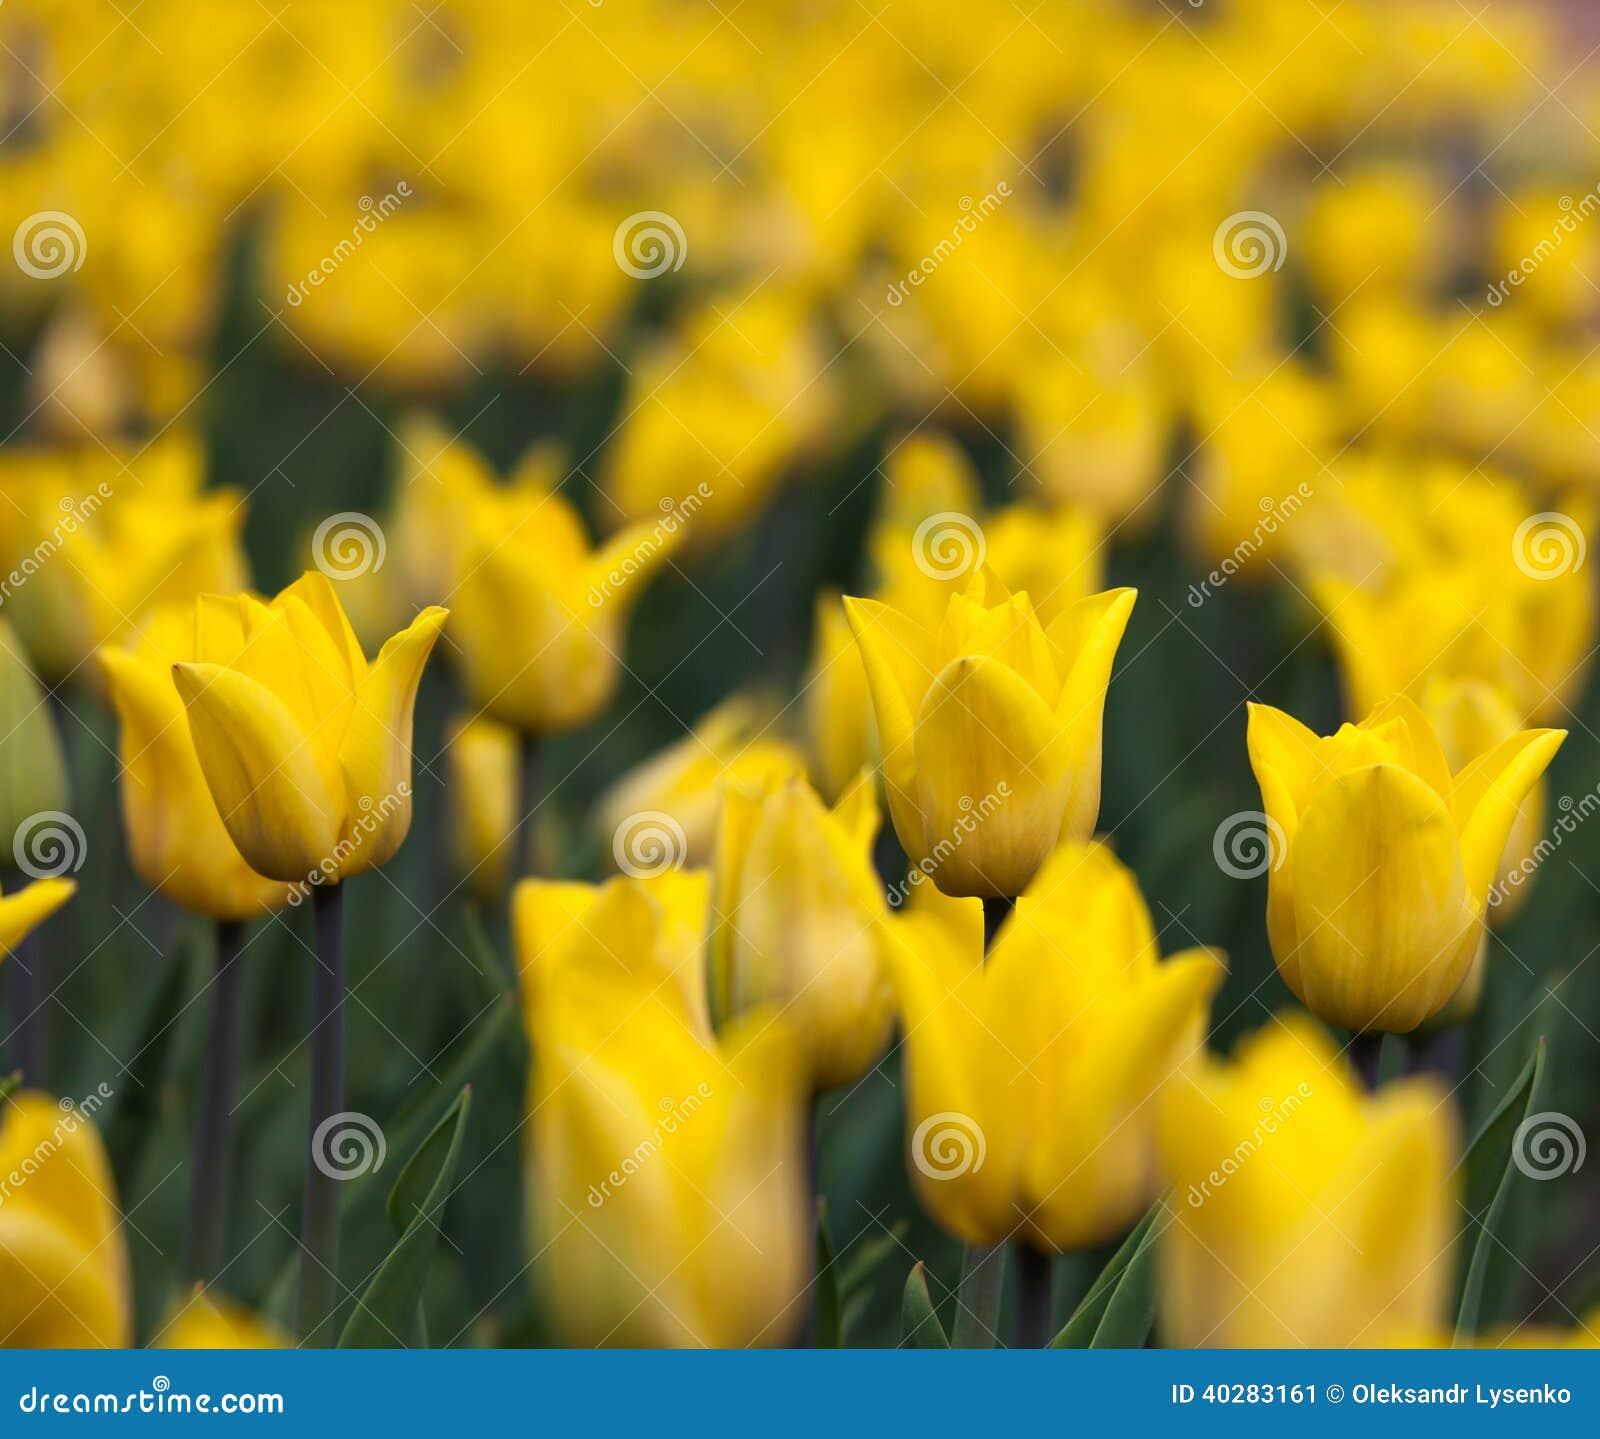 Flowerbed с желтым цветом отпочковывается тюльпаны